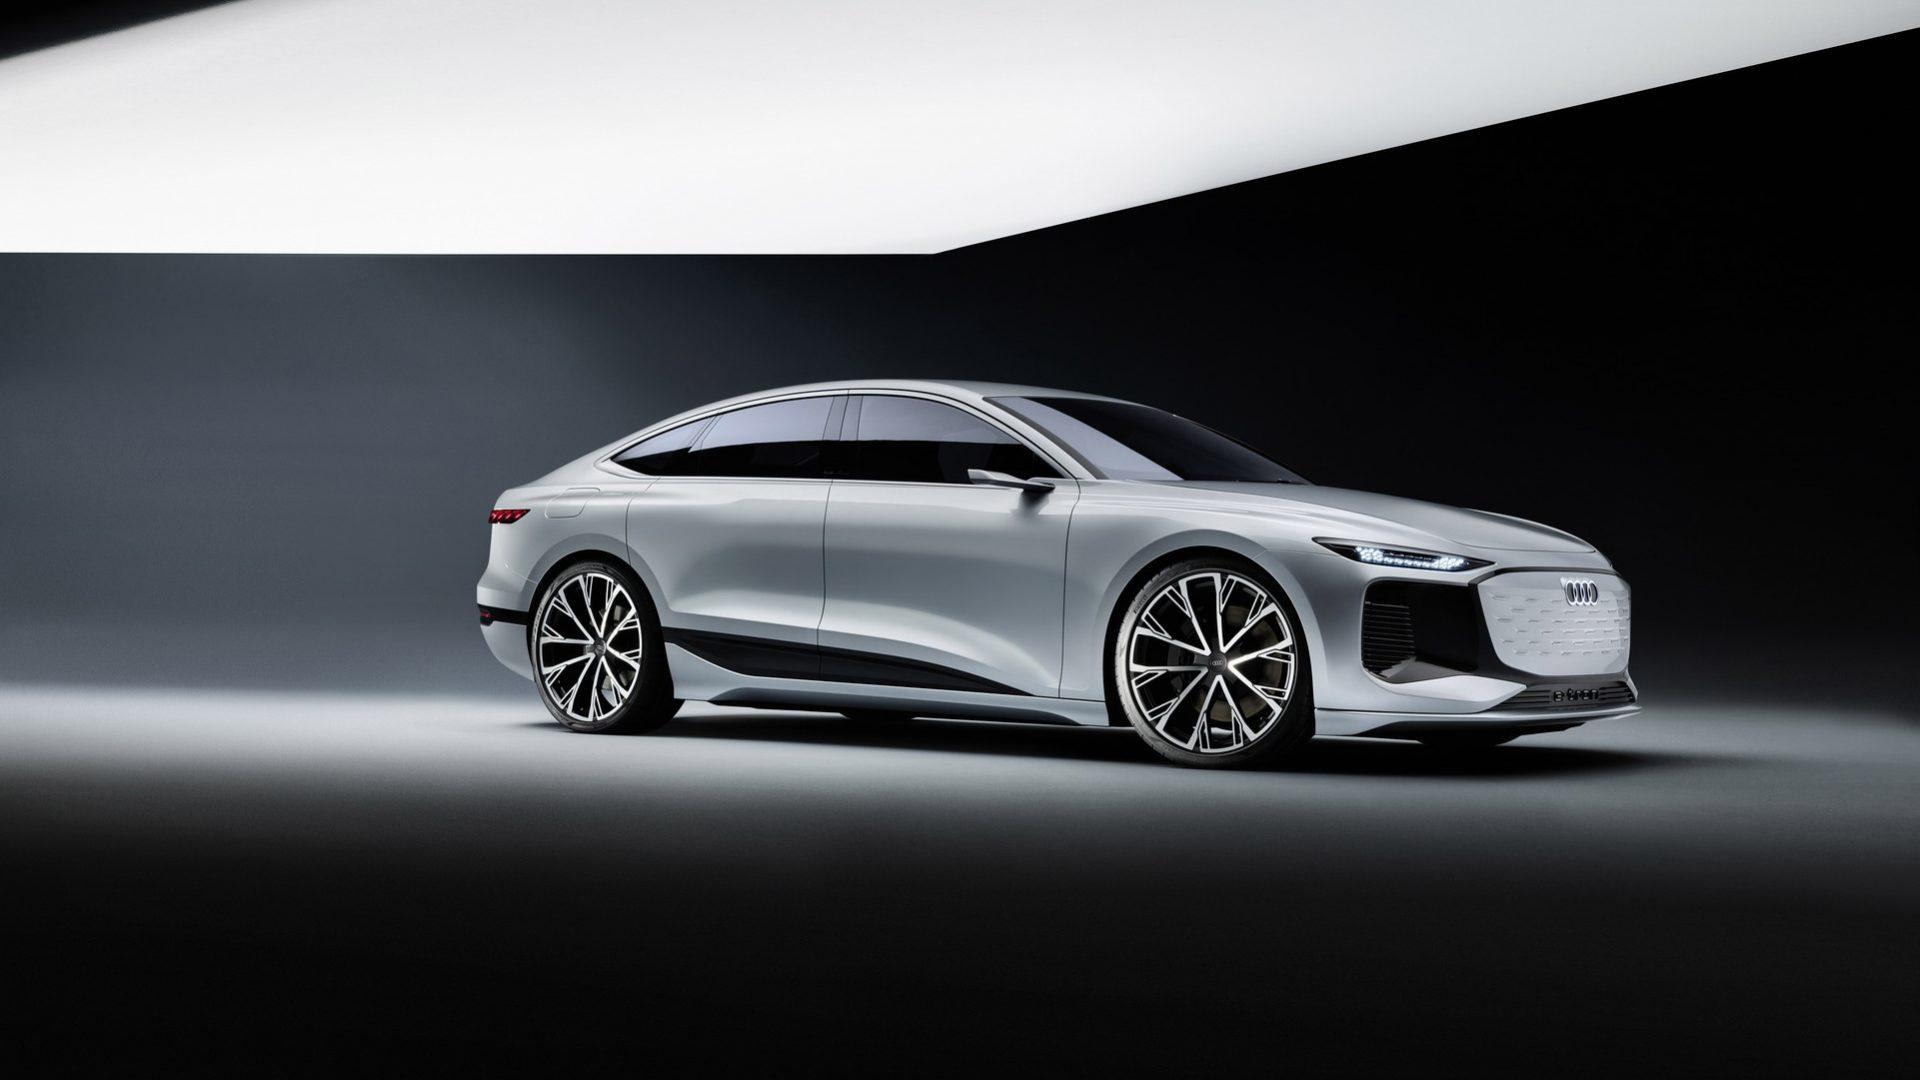 2021-Audi-A6-e-tron-Concept-04